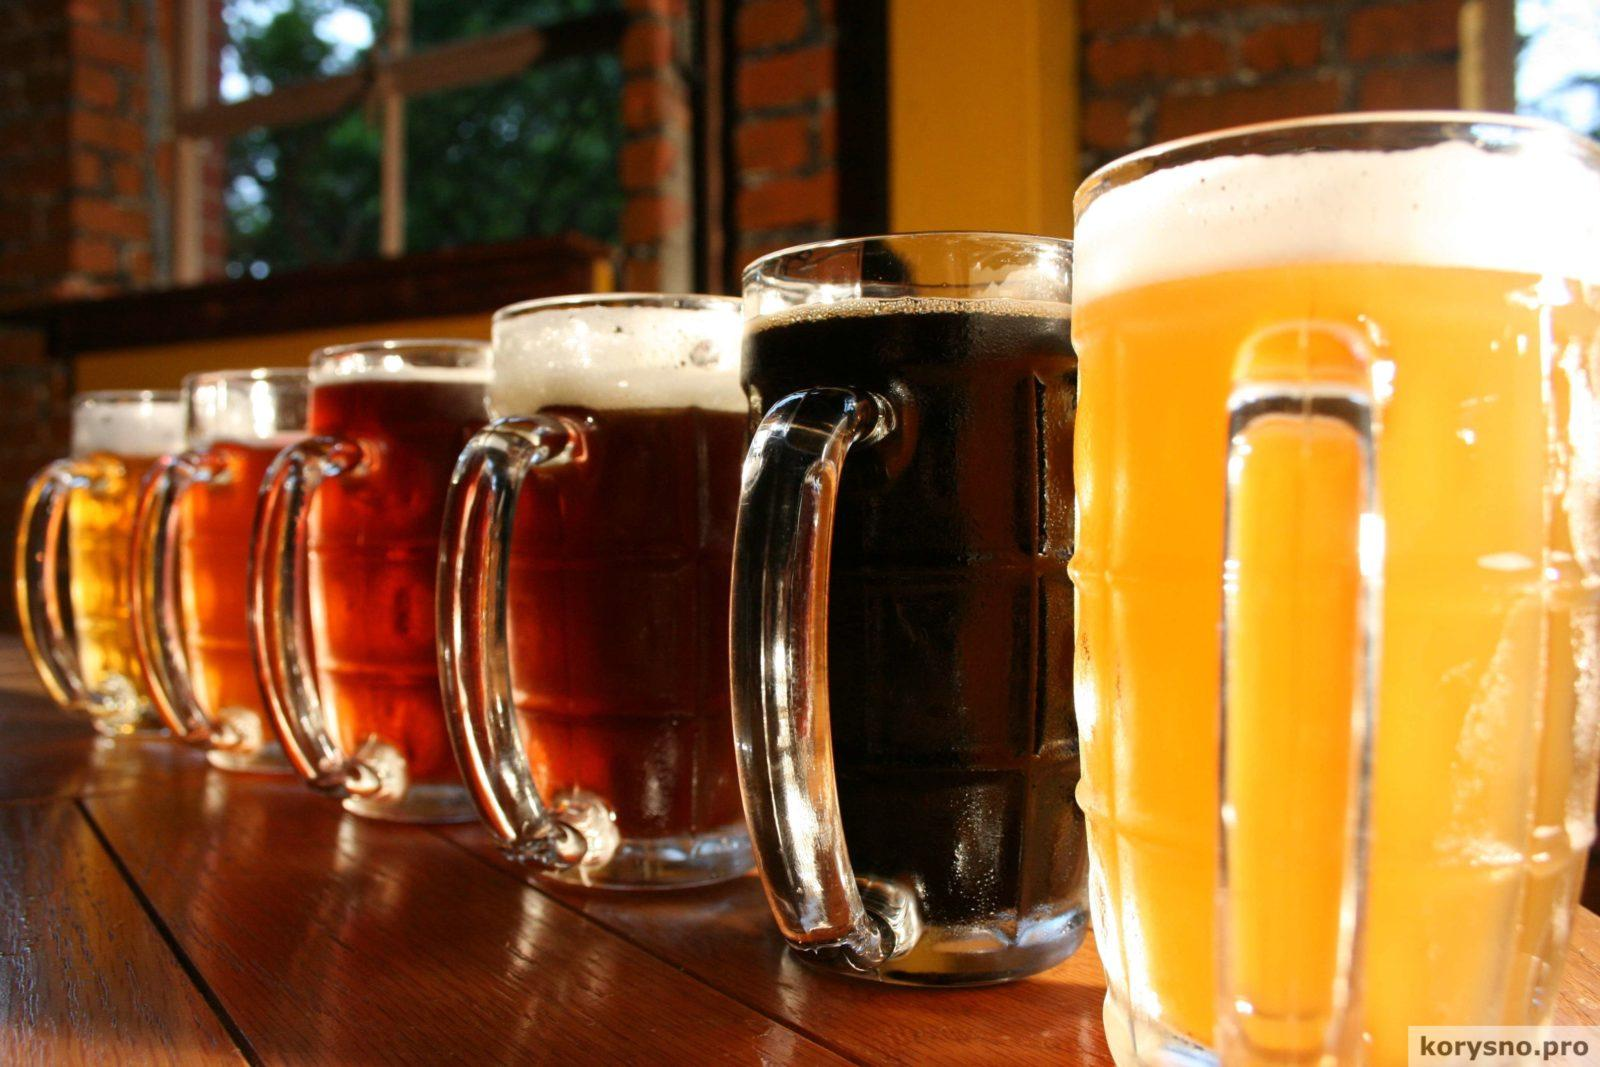 10 научных причин, почему пить пиво — полезно, а не вредно